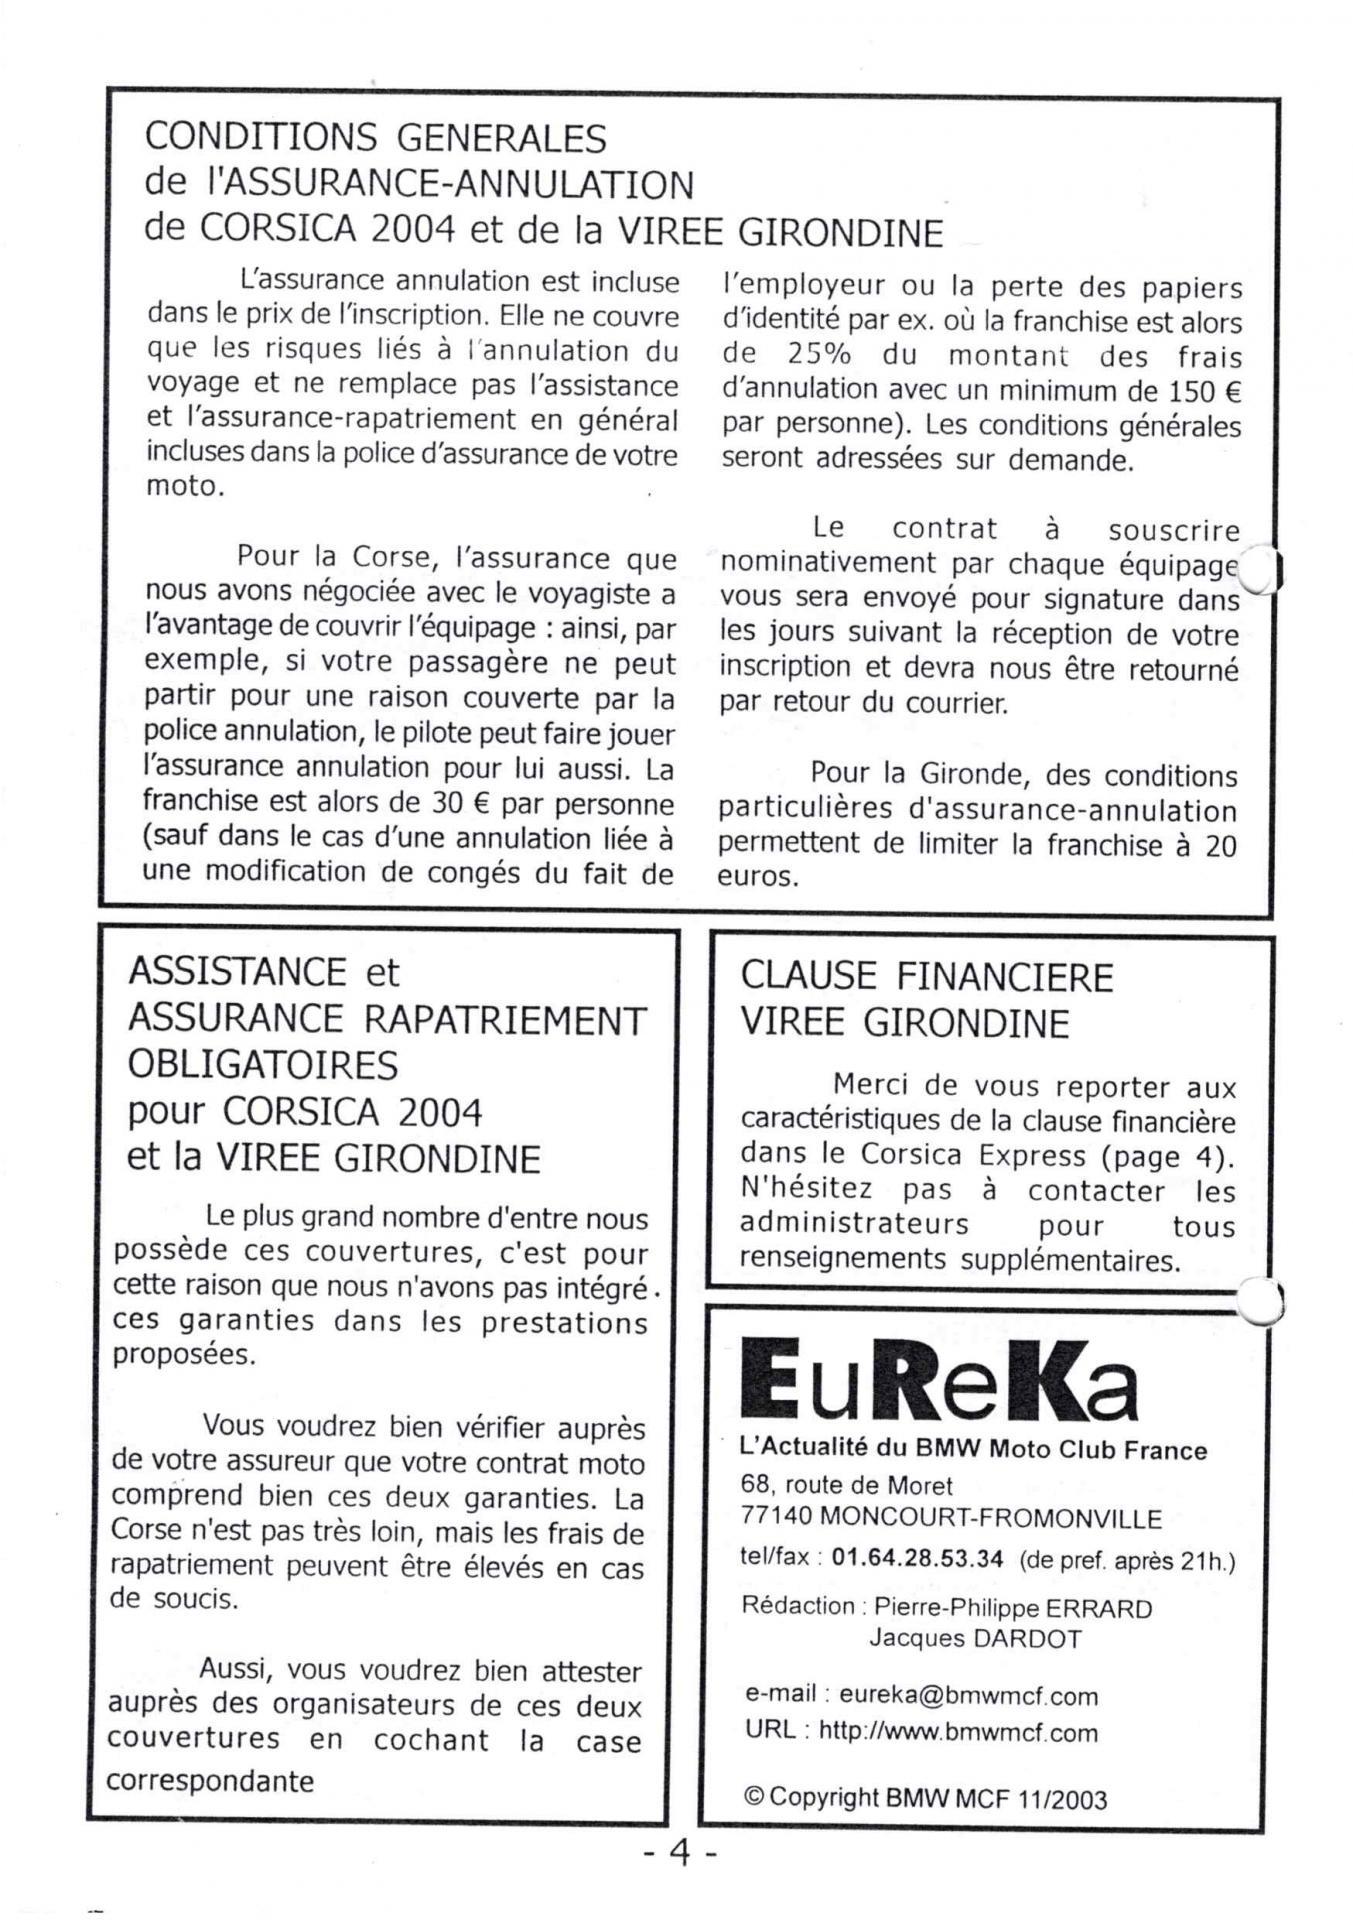 2003 11 gironde express 4